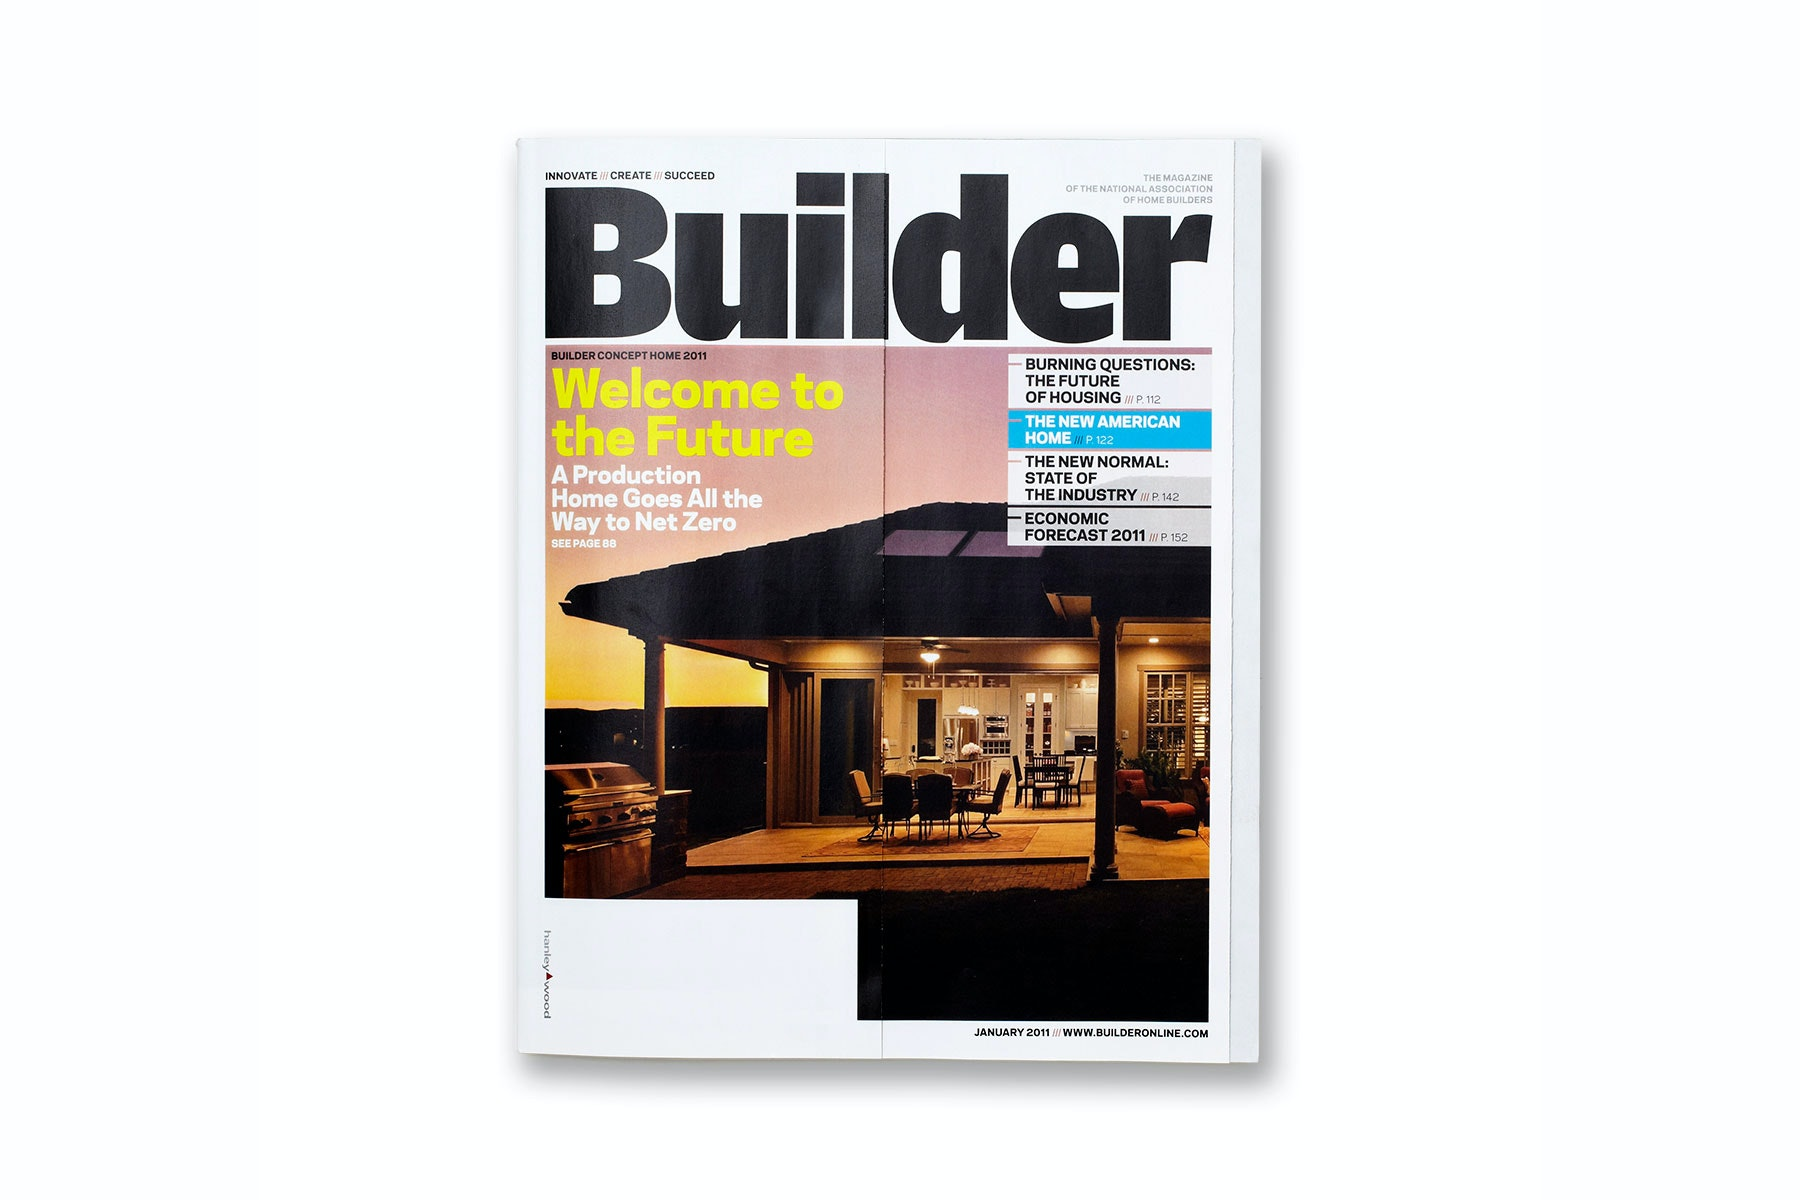 Builder magazine has undergone an extensive redesign